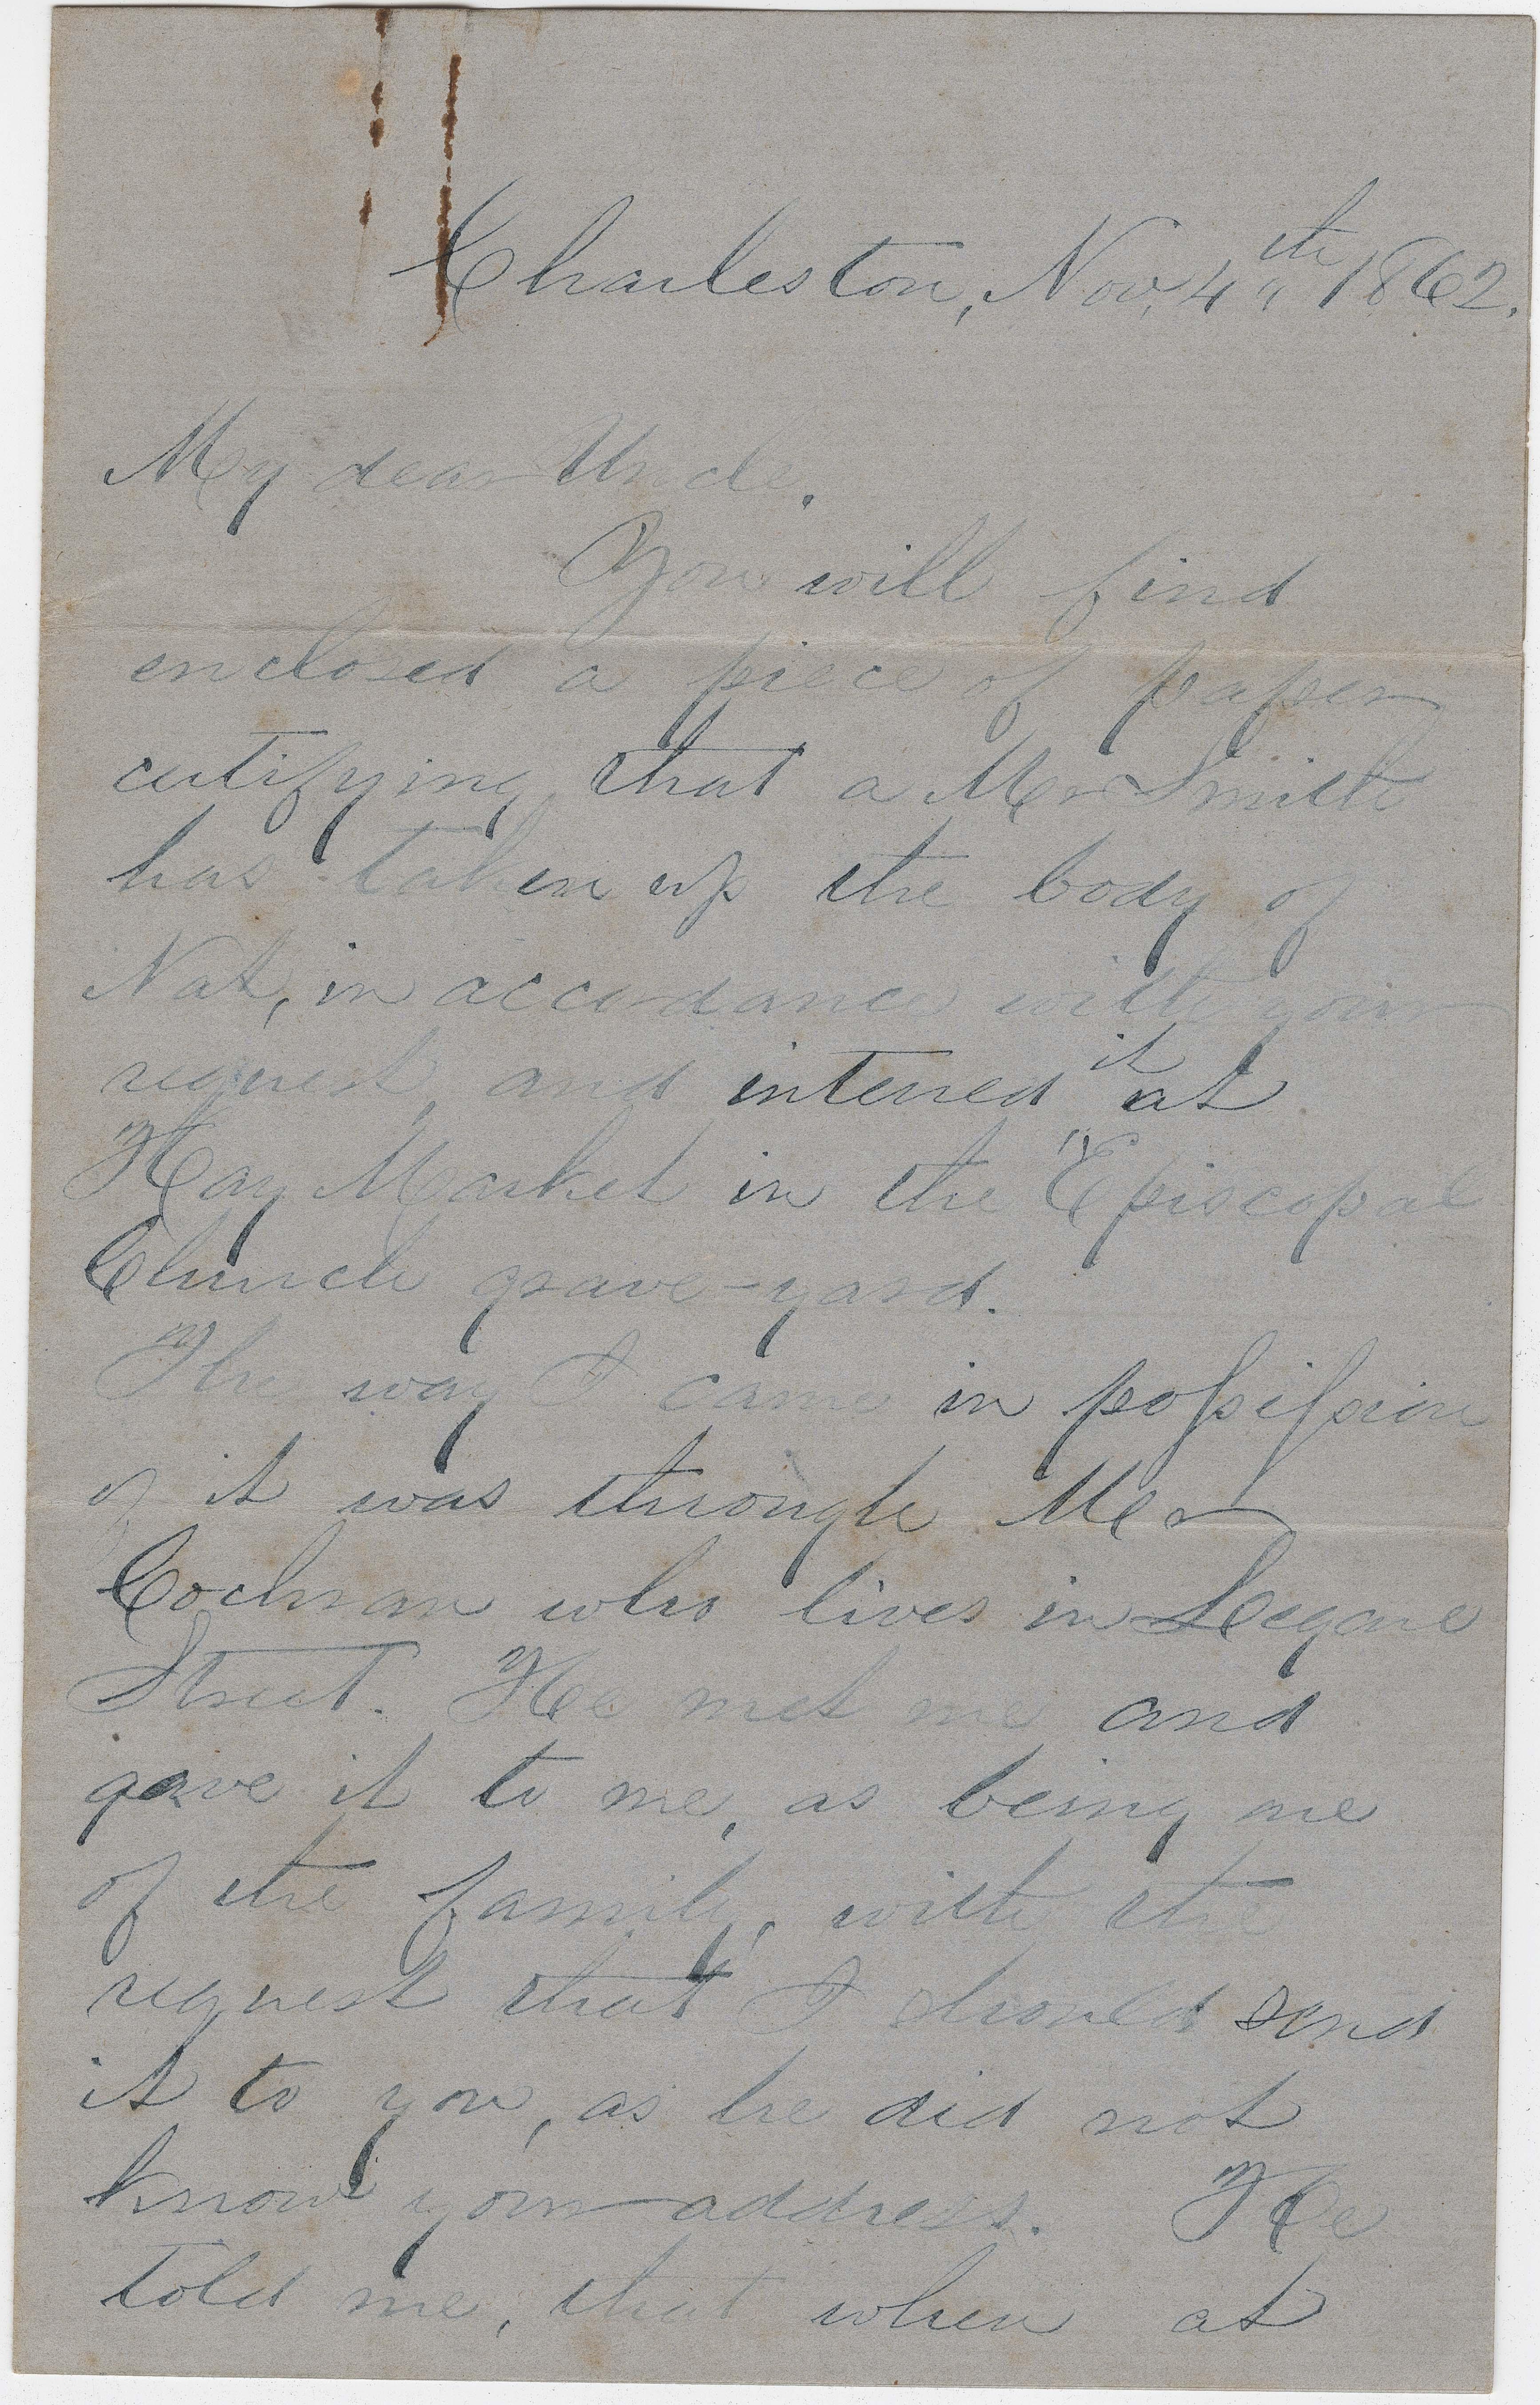 189. J. Keith Heyward to James B. Heyward -- November 4, 1862